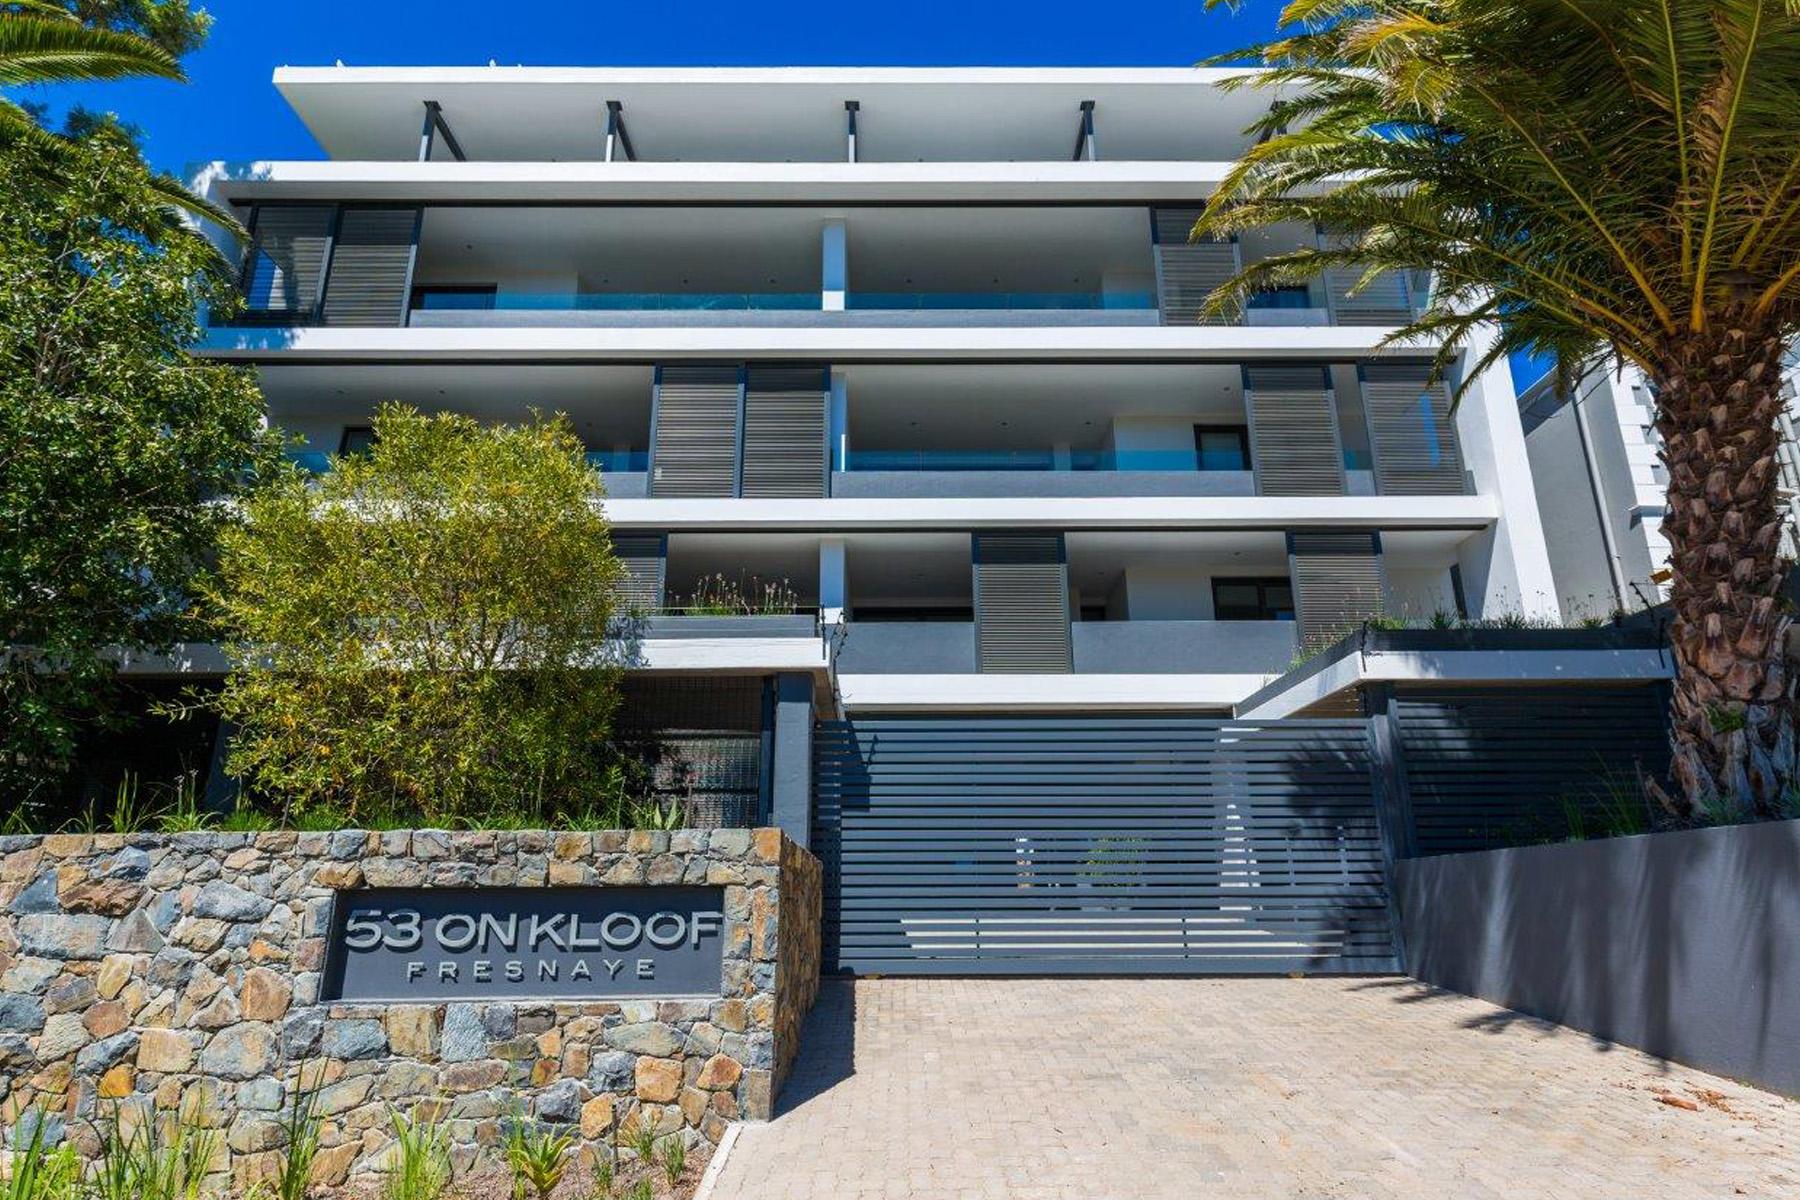 一戸建て のために 売買 アット Fresnaye Cape Town, 西ケープ, 2008 南アフリカ